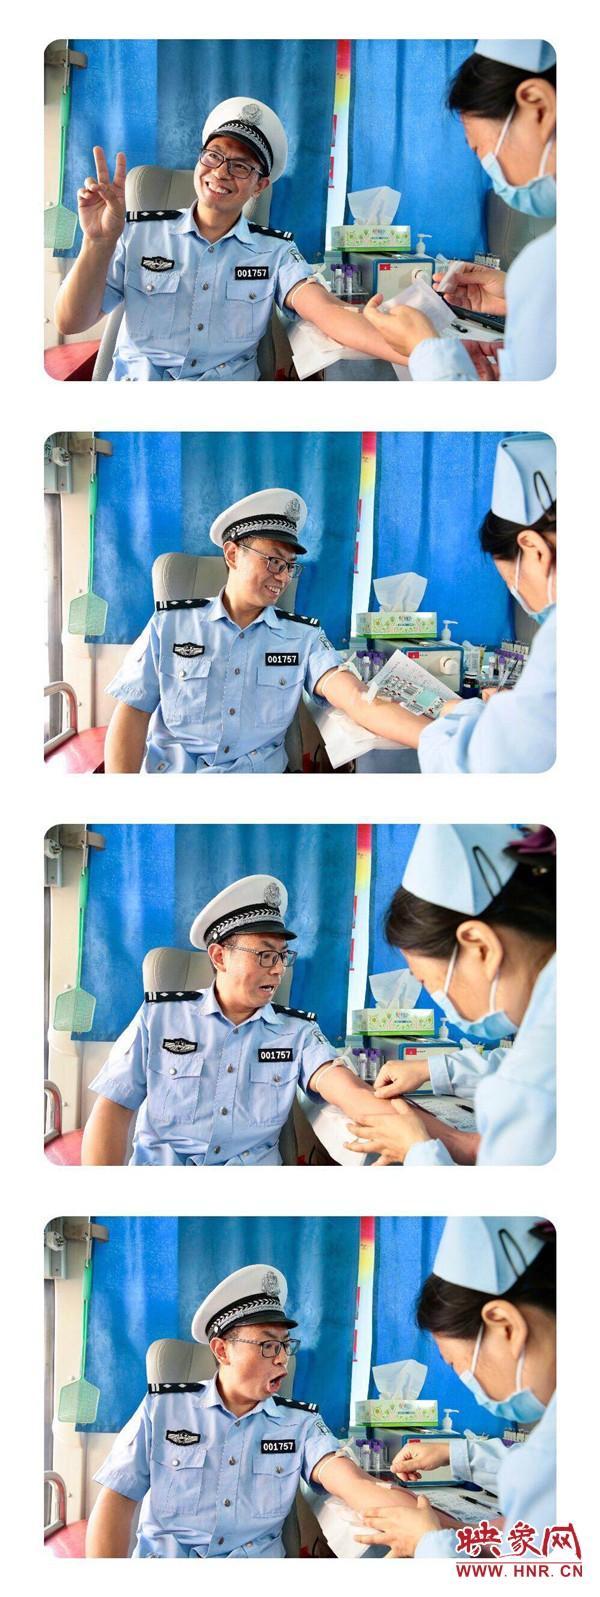 最萌警察表情包 献血日,一位警察小哥哥表情火了!网友:谁还不是个宝宝了